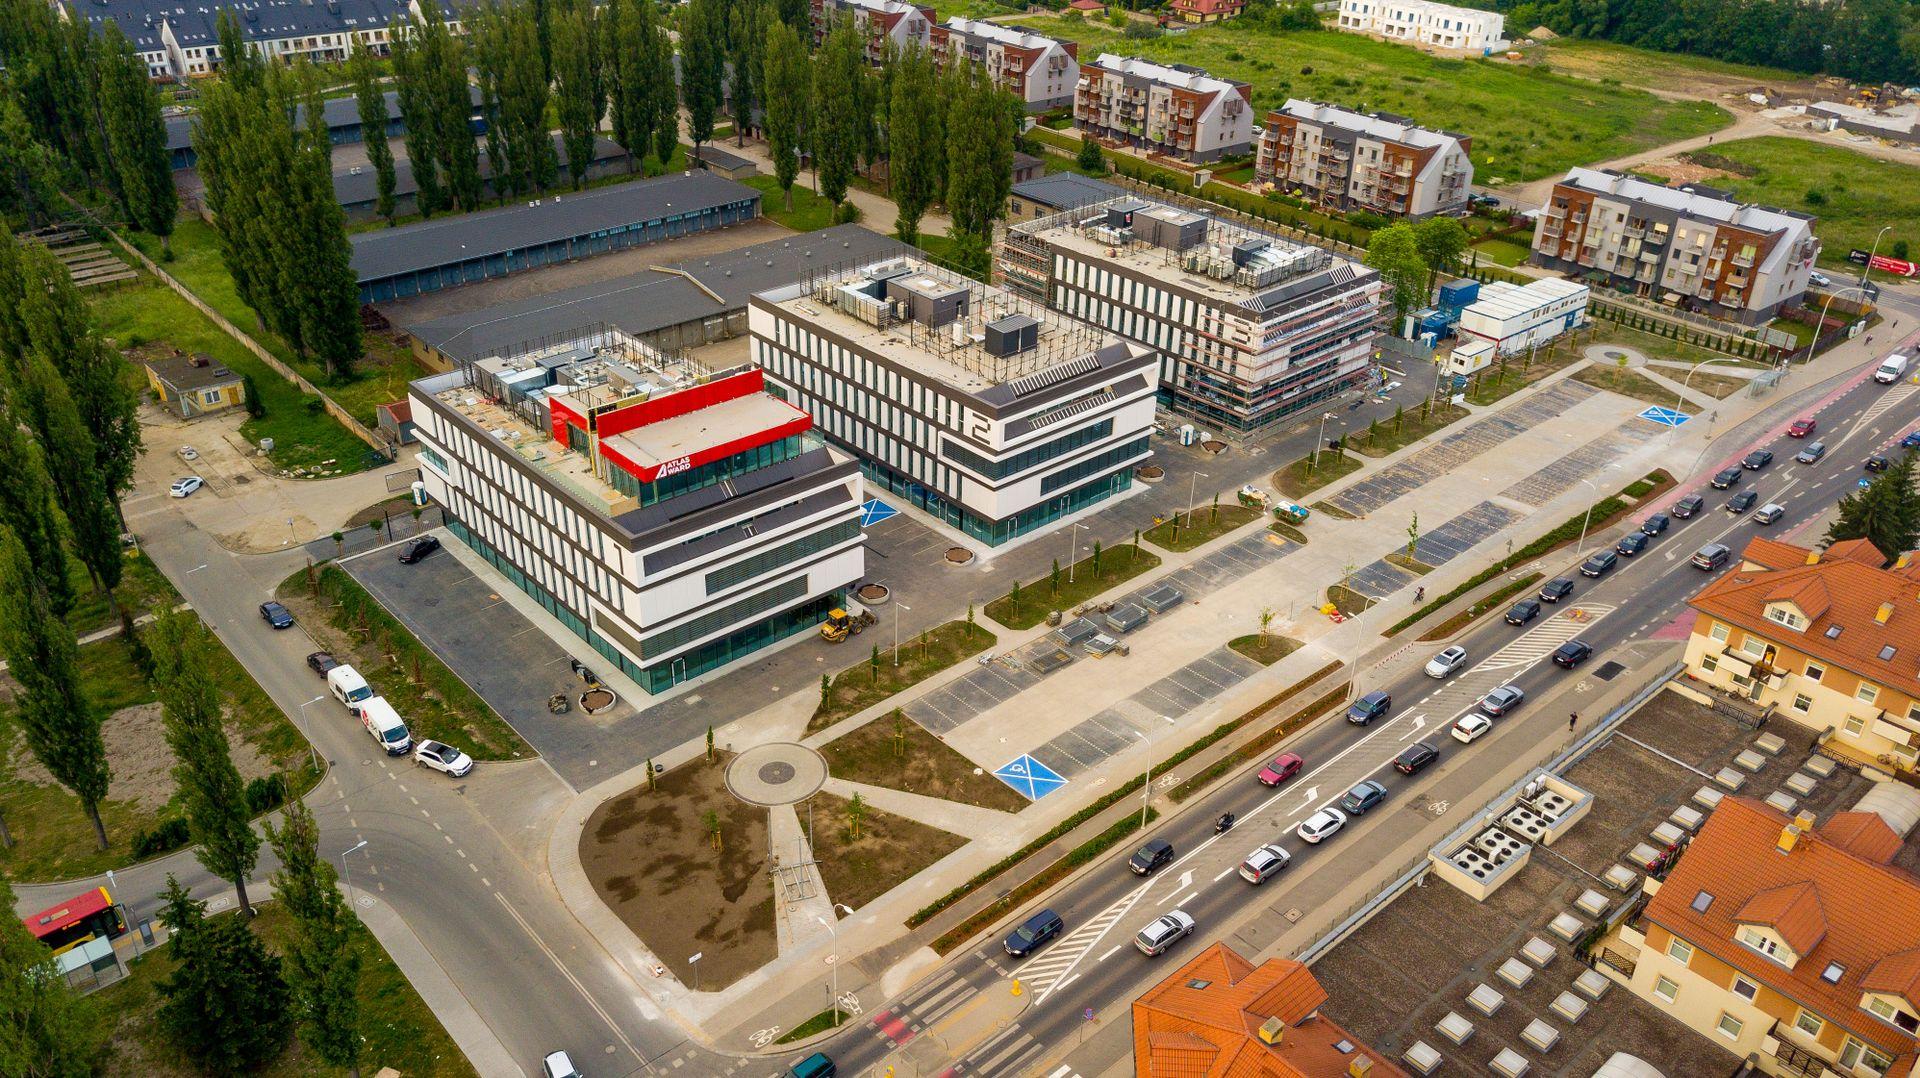 Wrocław: Wojsko odsprzeda miastu teren pod szkołę na granicy Ołtaszyna i Partynic